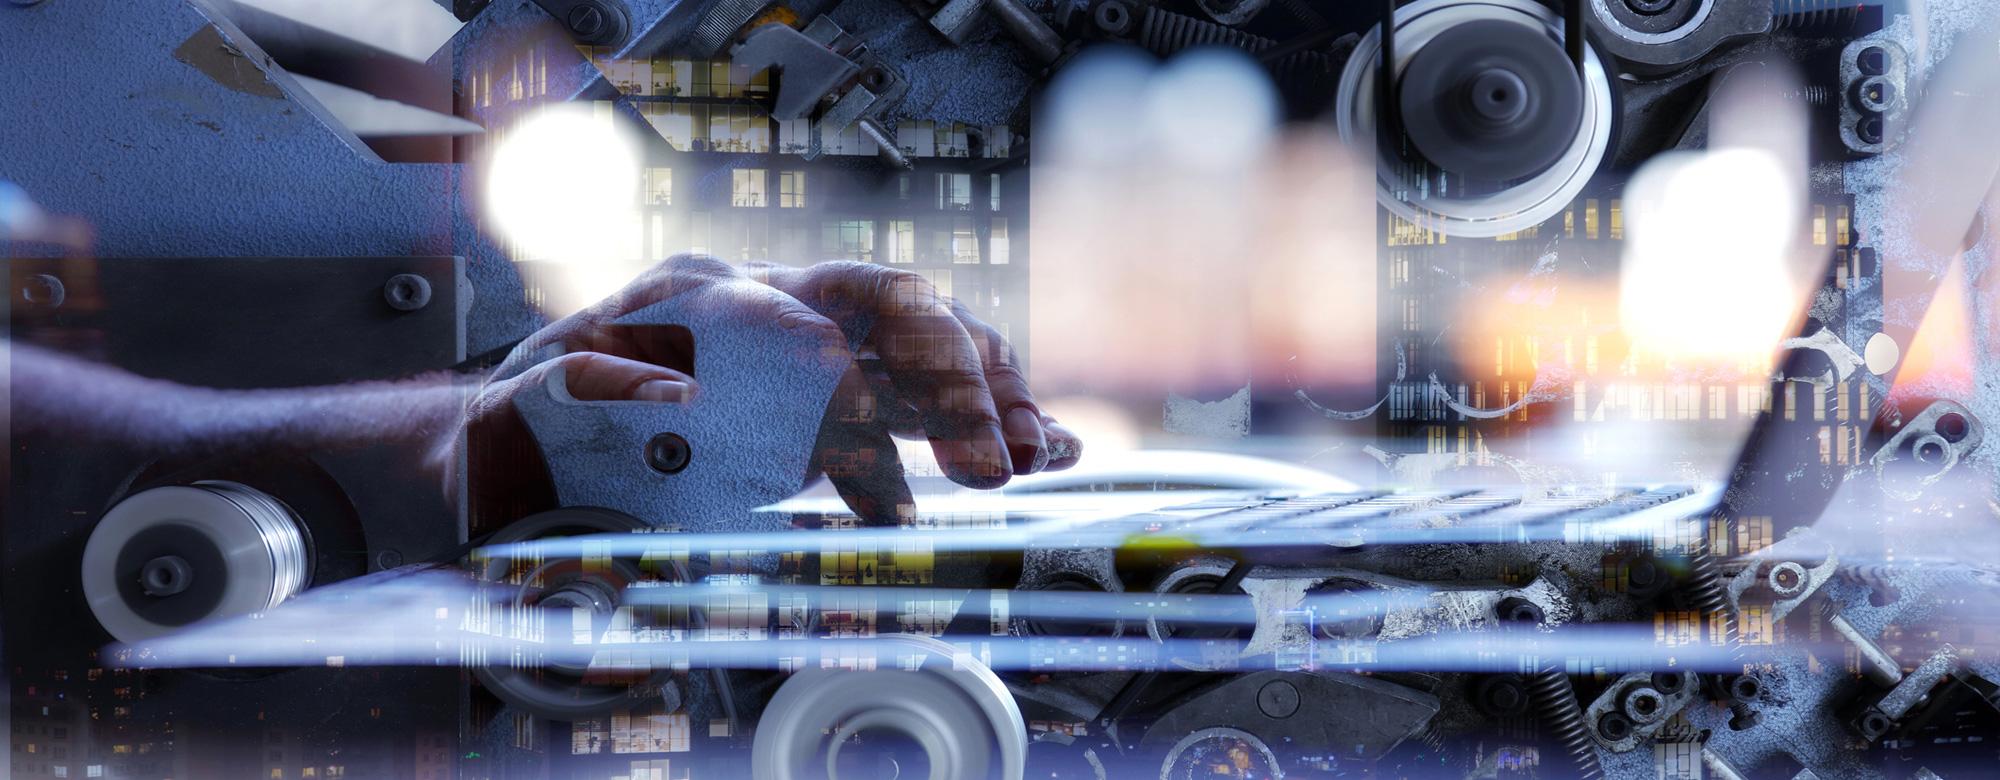 Credito d'imposta beni strumentali: come regolarizzare le fatture